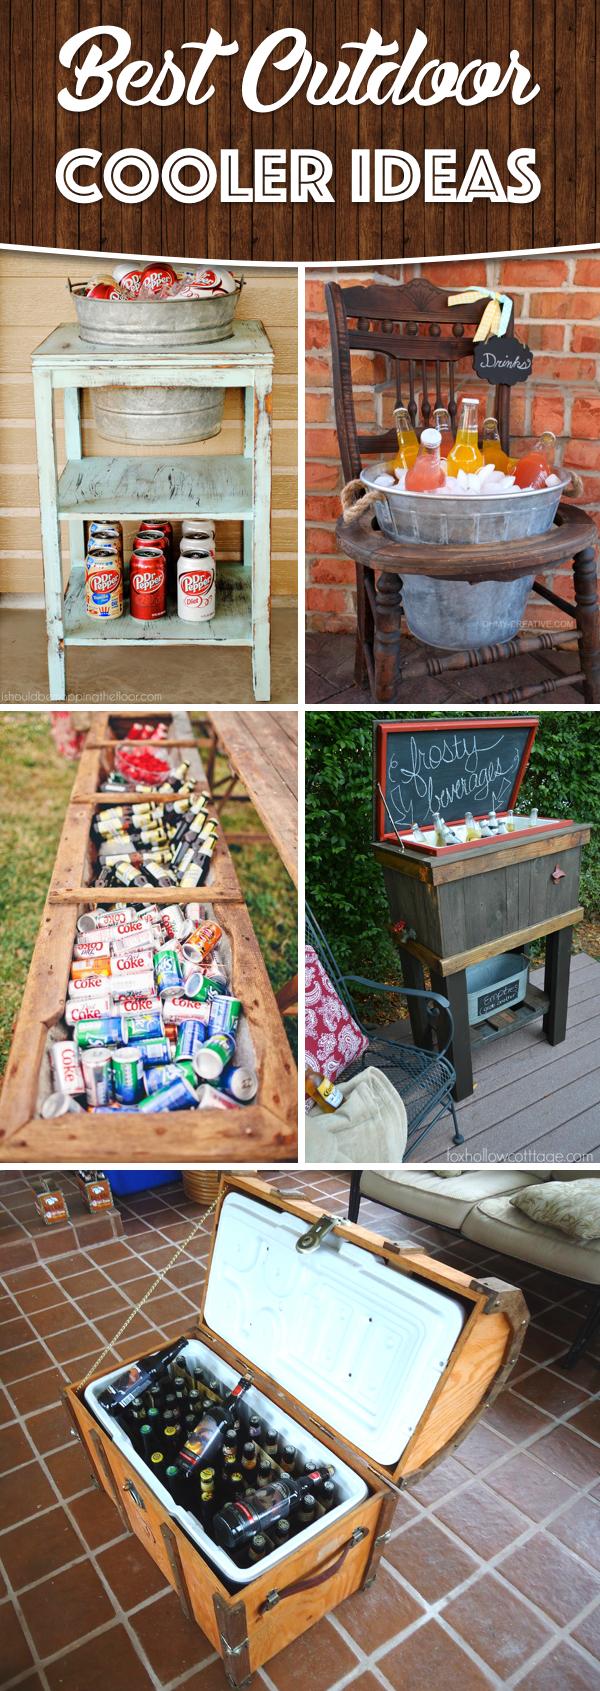 Outdoor Cooler Ideas